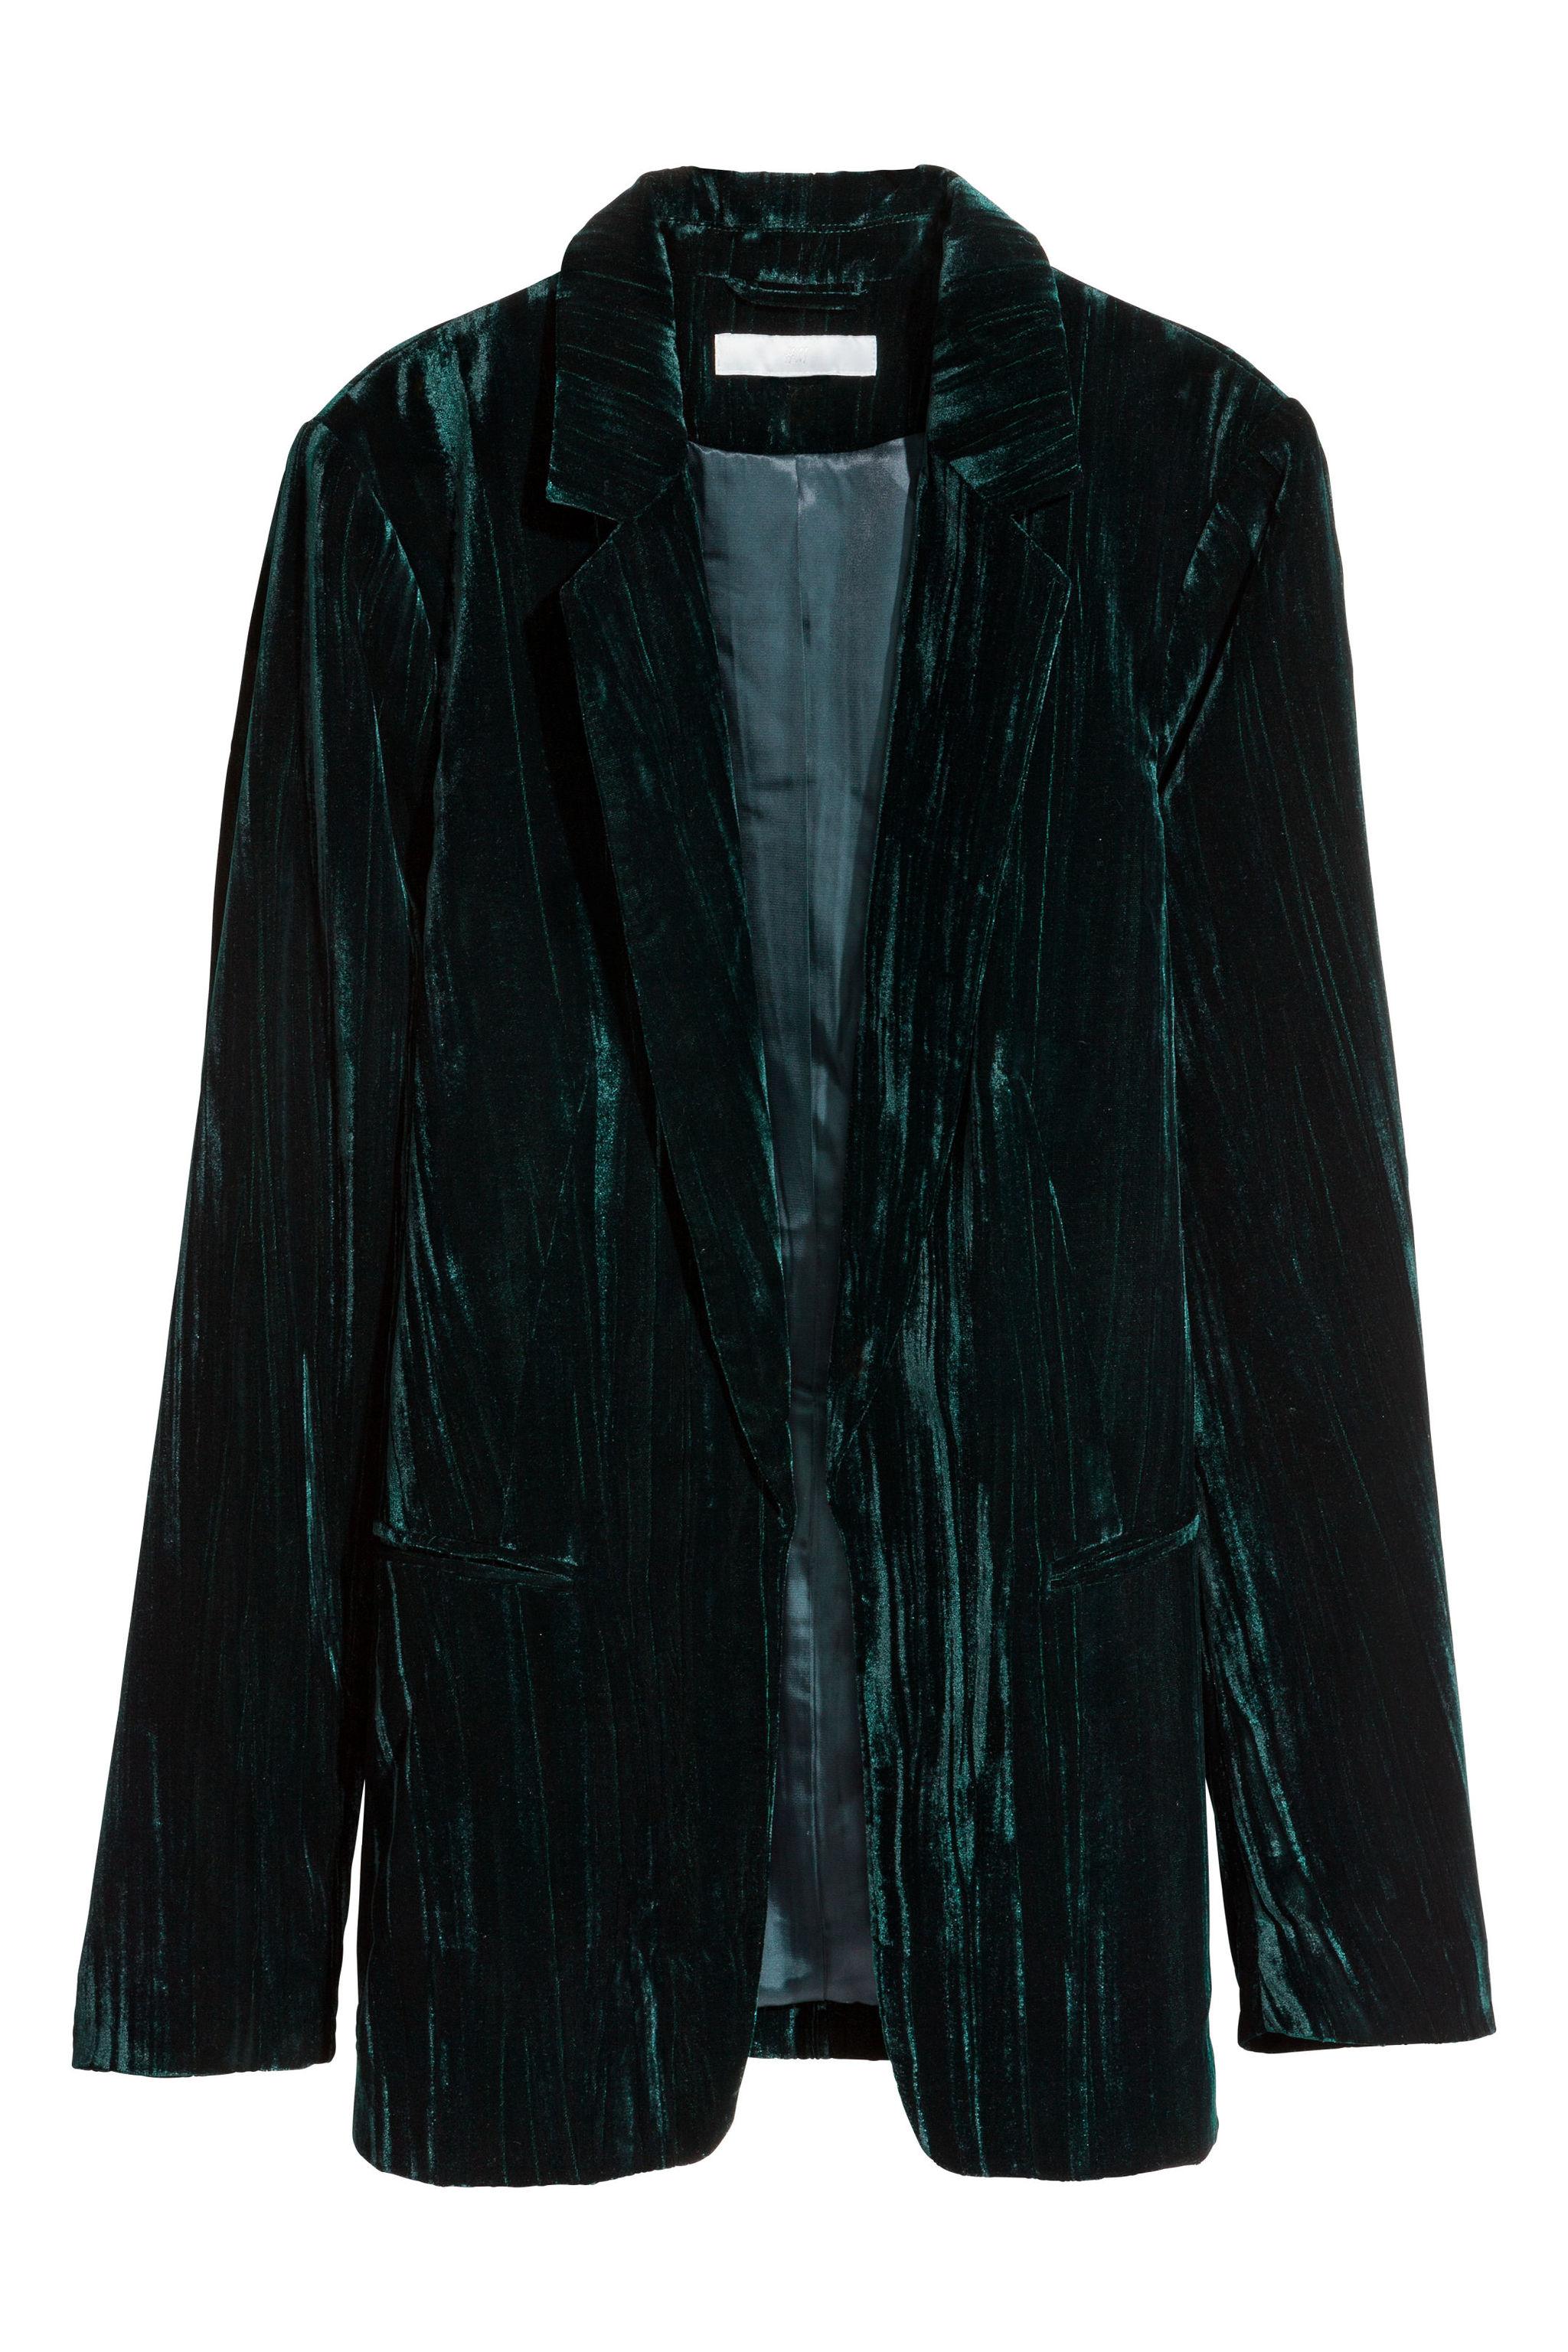 Blazer de terciopelo, de H&M (27,99 euros).